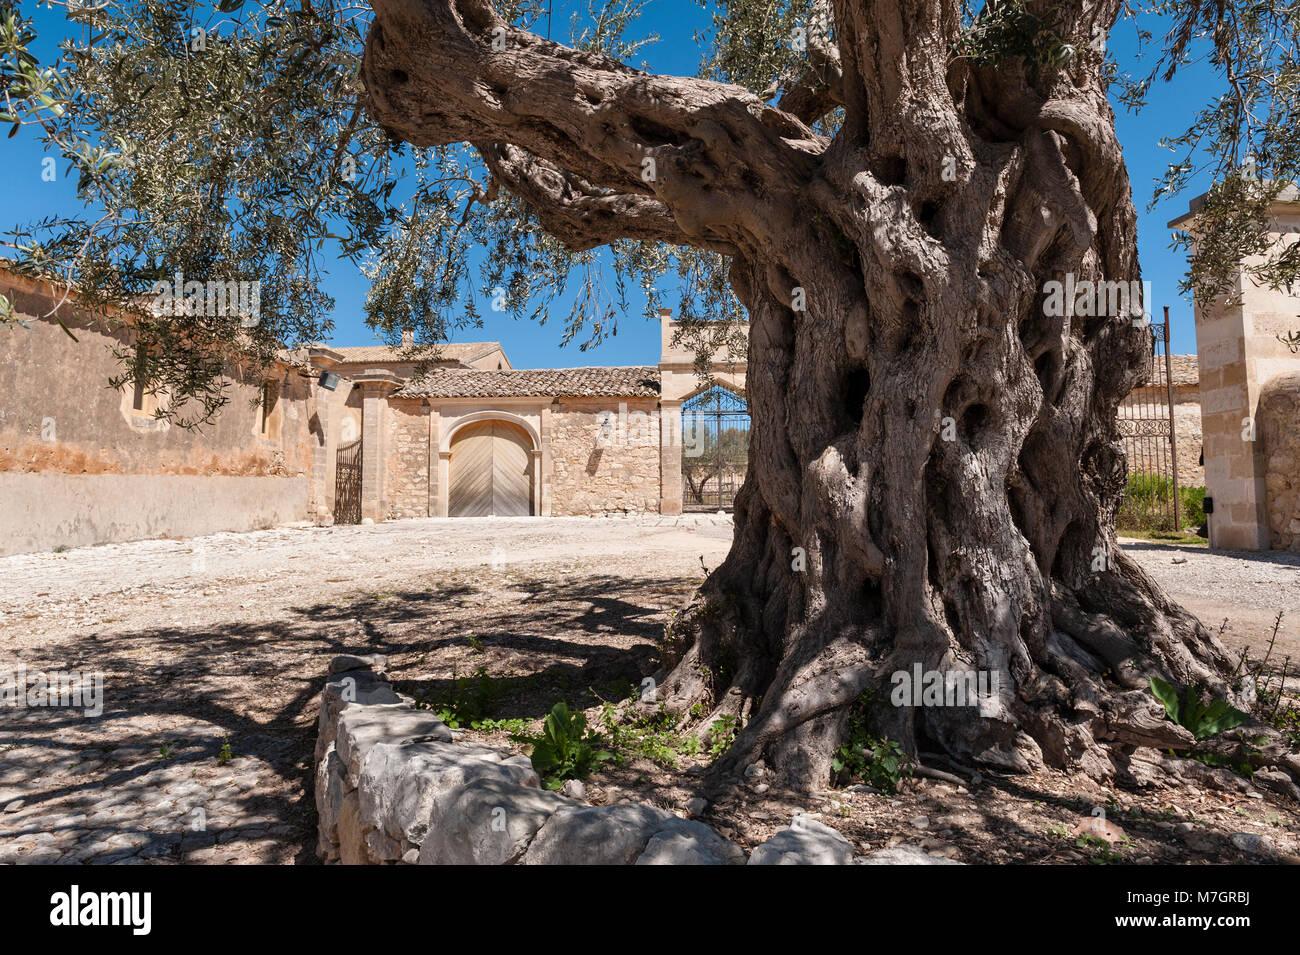 Chiaramonte Gulfi, Sicile, Italie. Un vieil olivier dans la cour de la Villa Fegotto (utilisé comme un emplacement Photo Stock